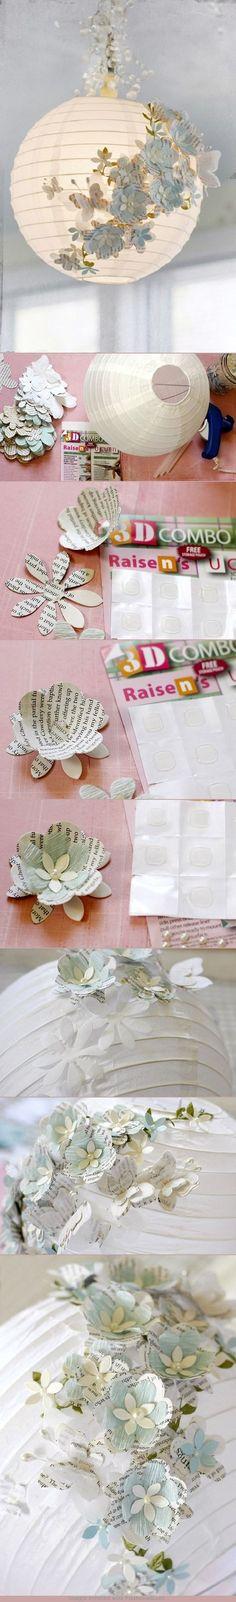 Como quedan de hermosas las linternas de papel con estas lindas flores. Muy fácil de hacer. Solo se necesita mucha imaginación :)